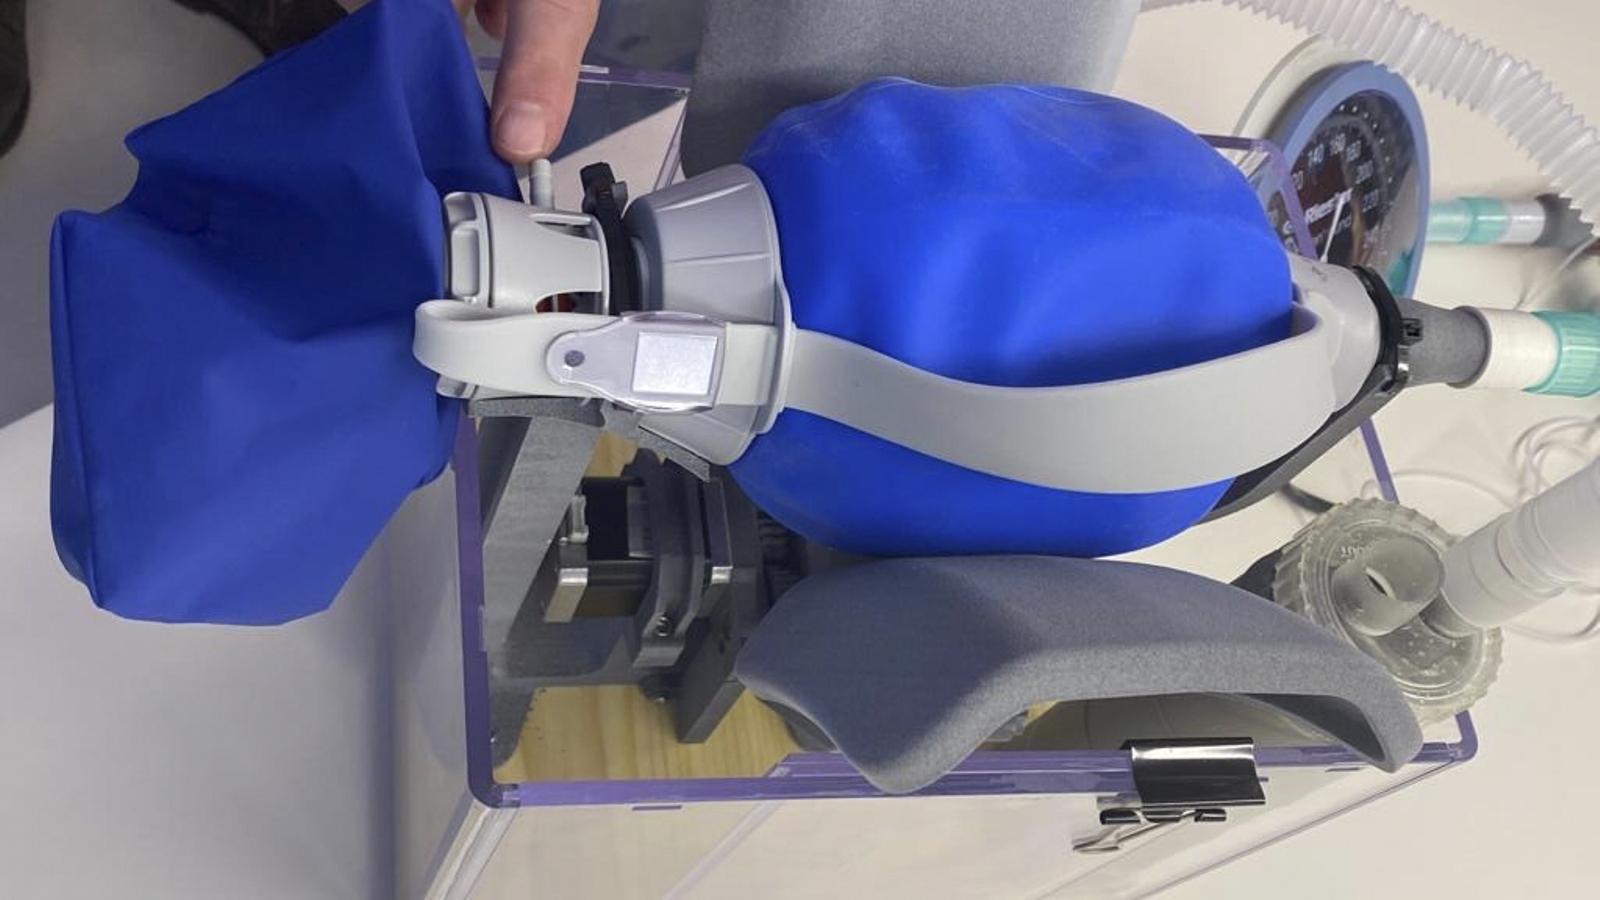 """El cap del laboratori 3D del Parc Taulí: """"Els respiradors 3D arribaran, però no a la velocitat que volen els polítics"""""""